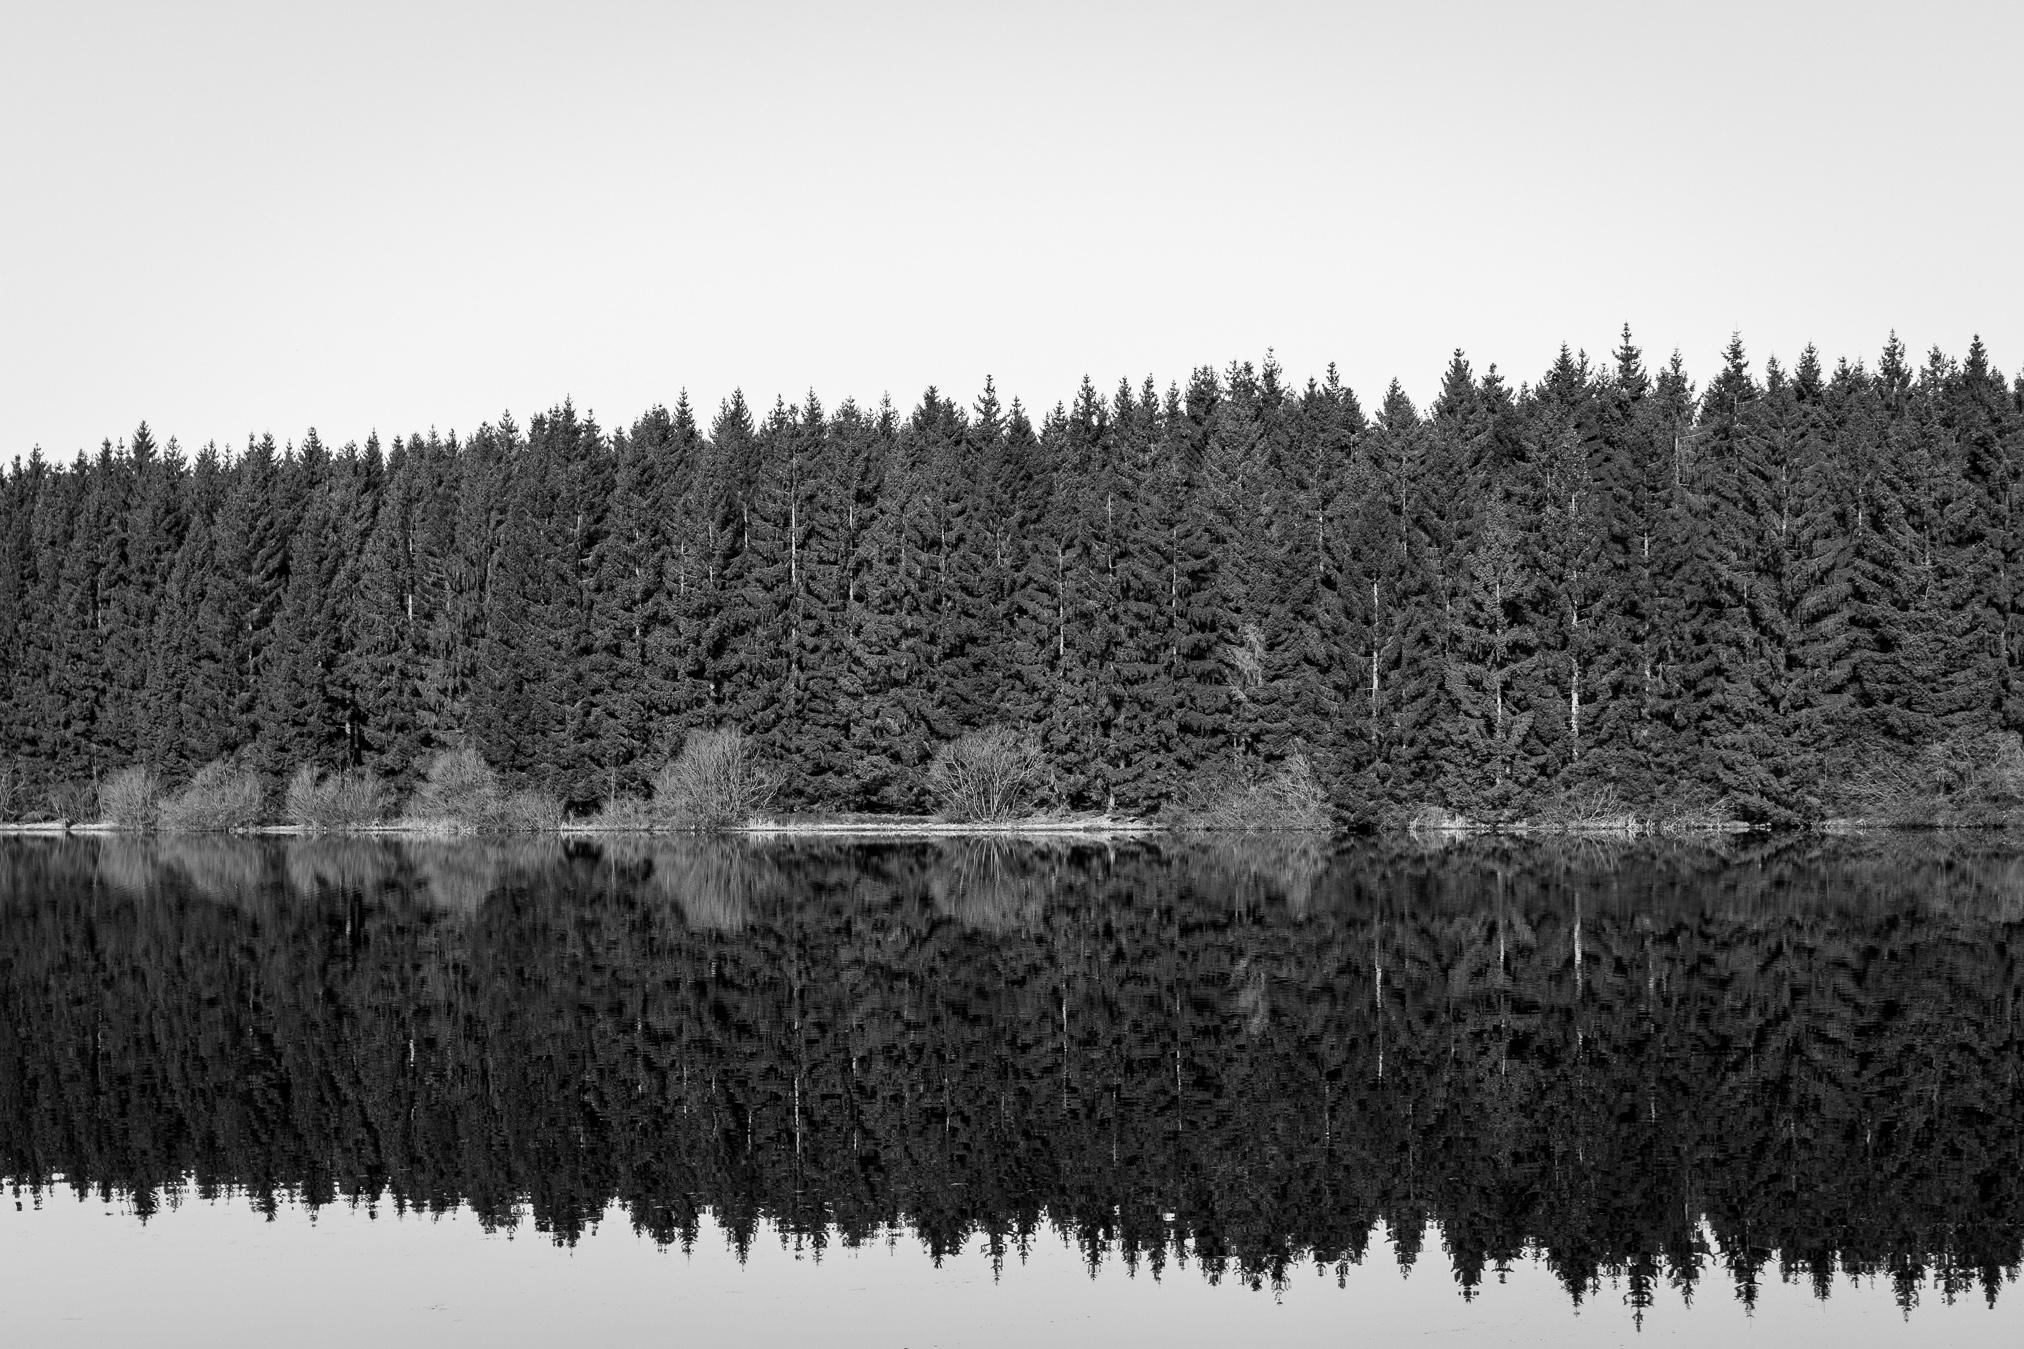 Ist die Aufnahme in Schwarz-Weiß, lenken keine von den Formen und Strukturen ab